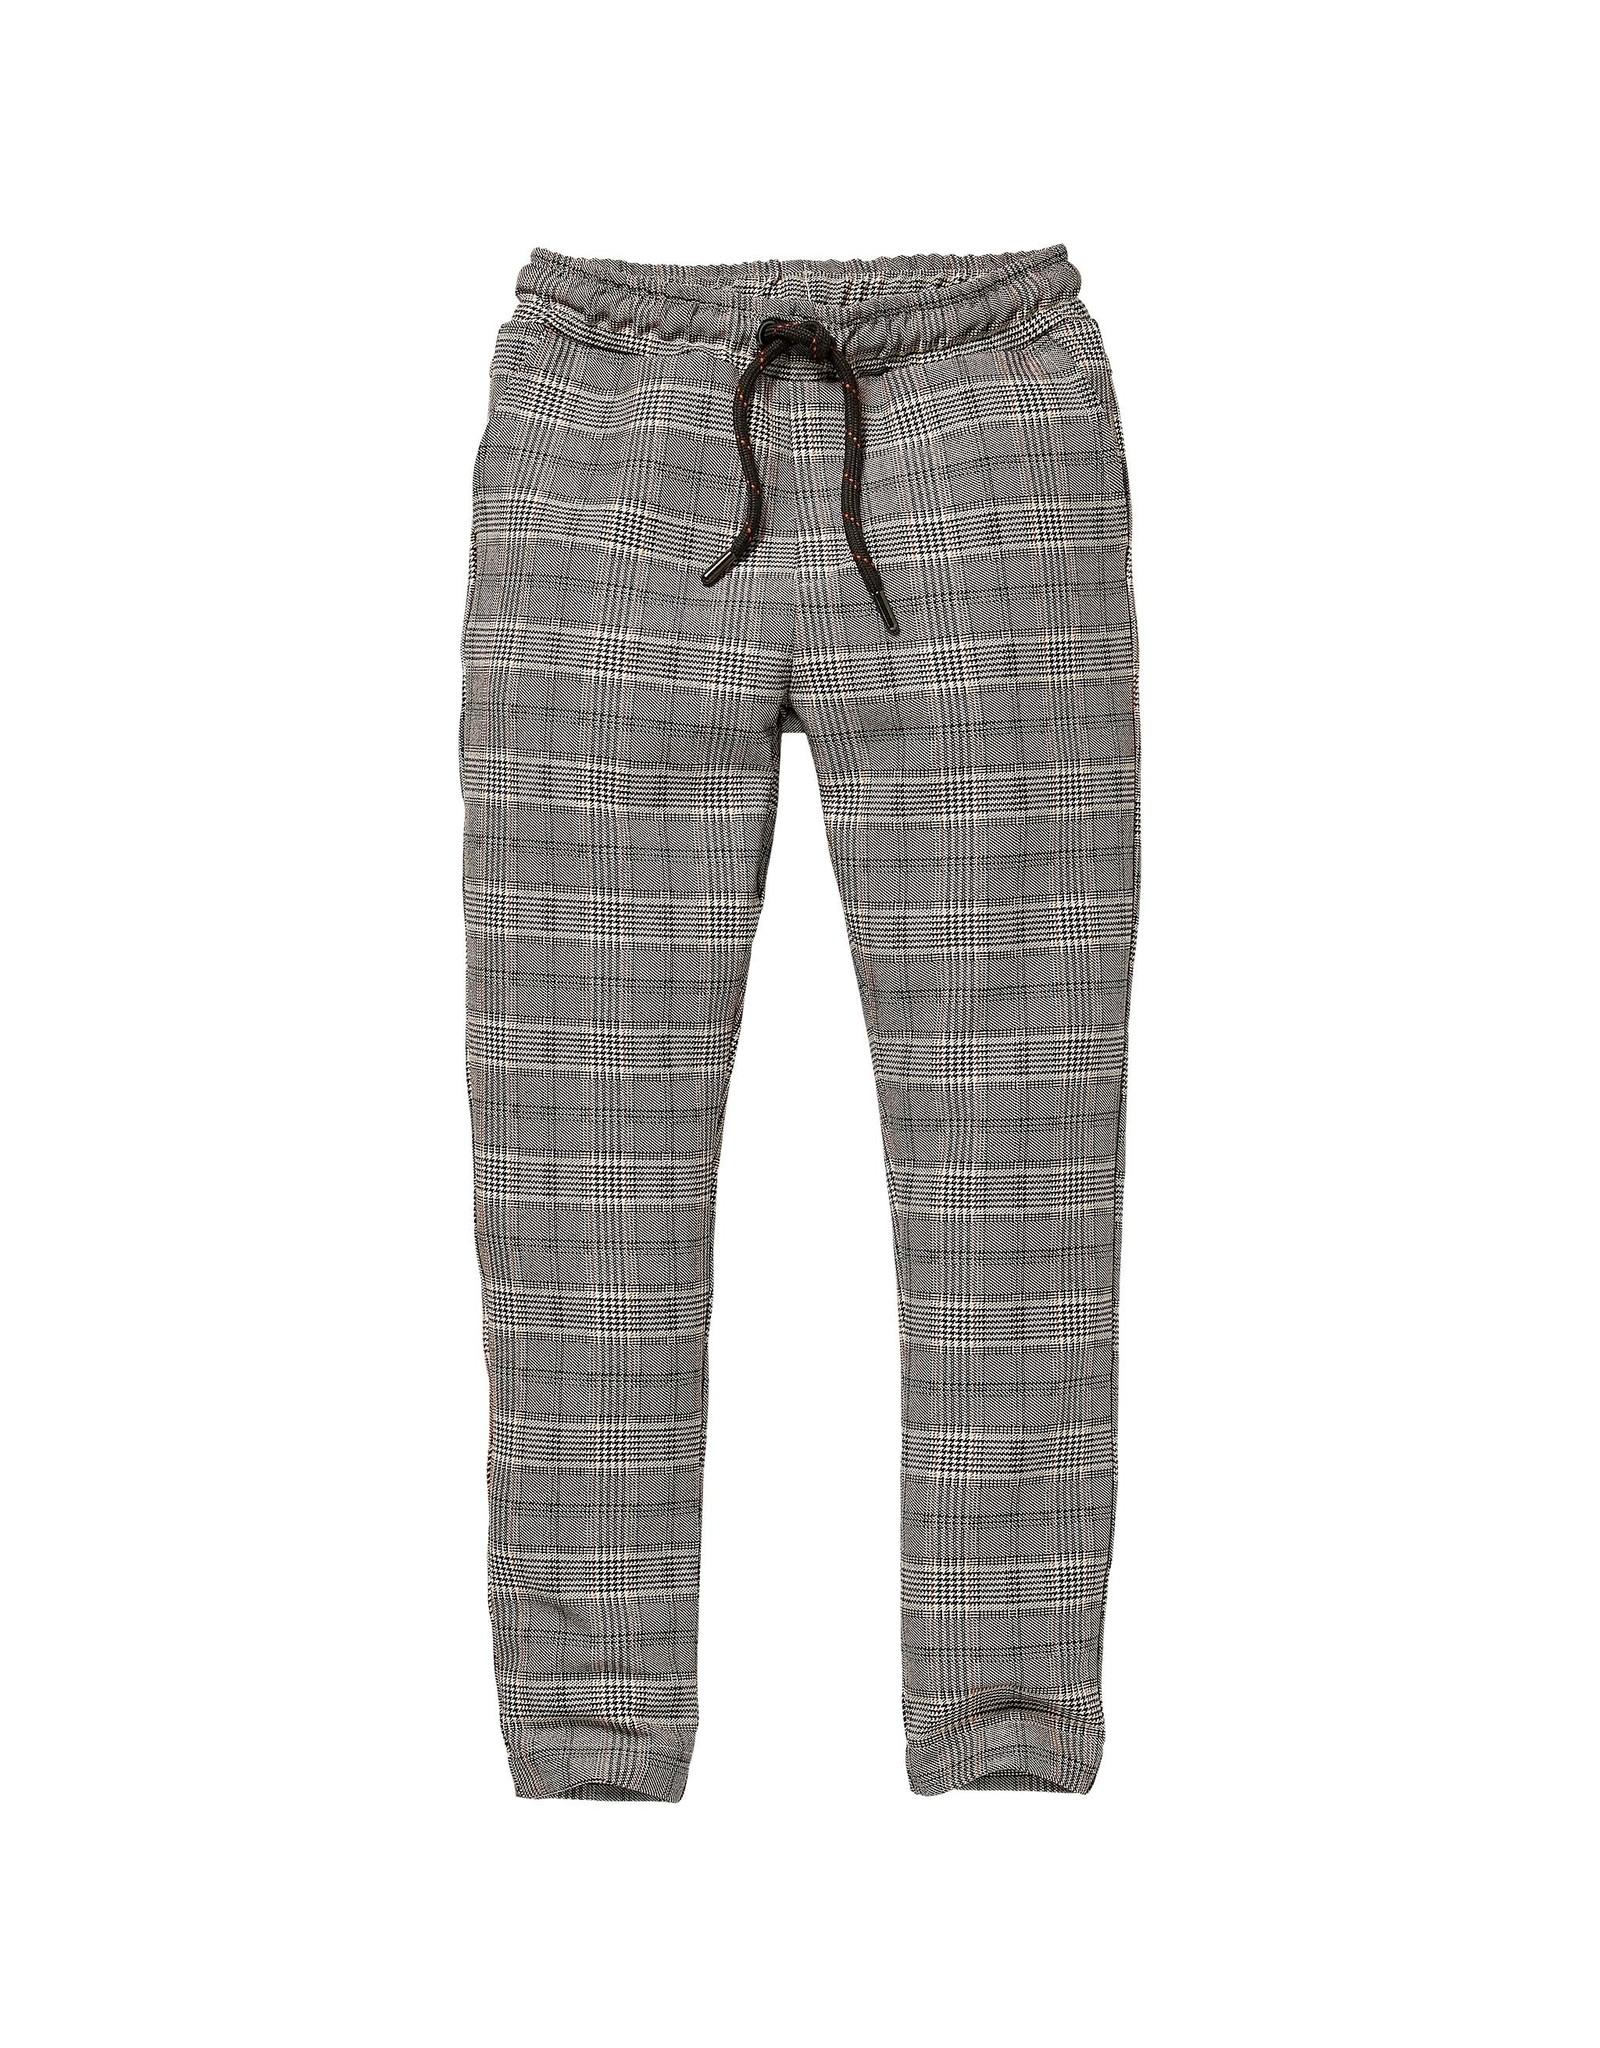 Quapi Quapi pants Kwin multi colour check